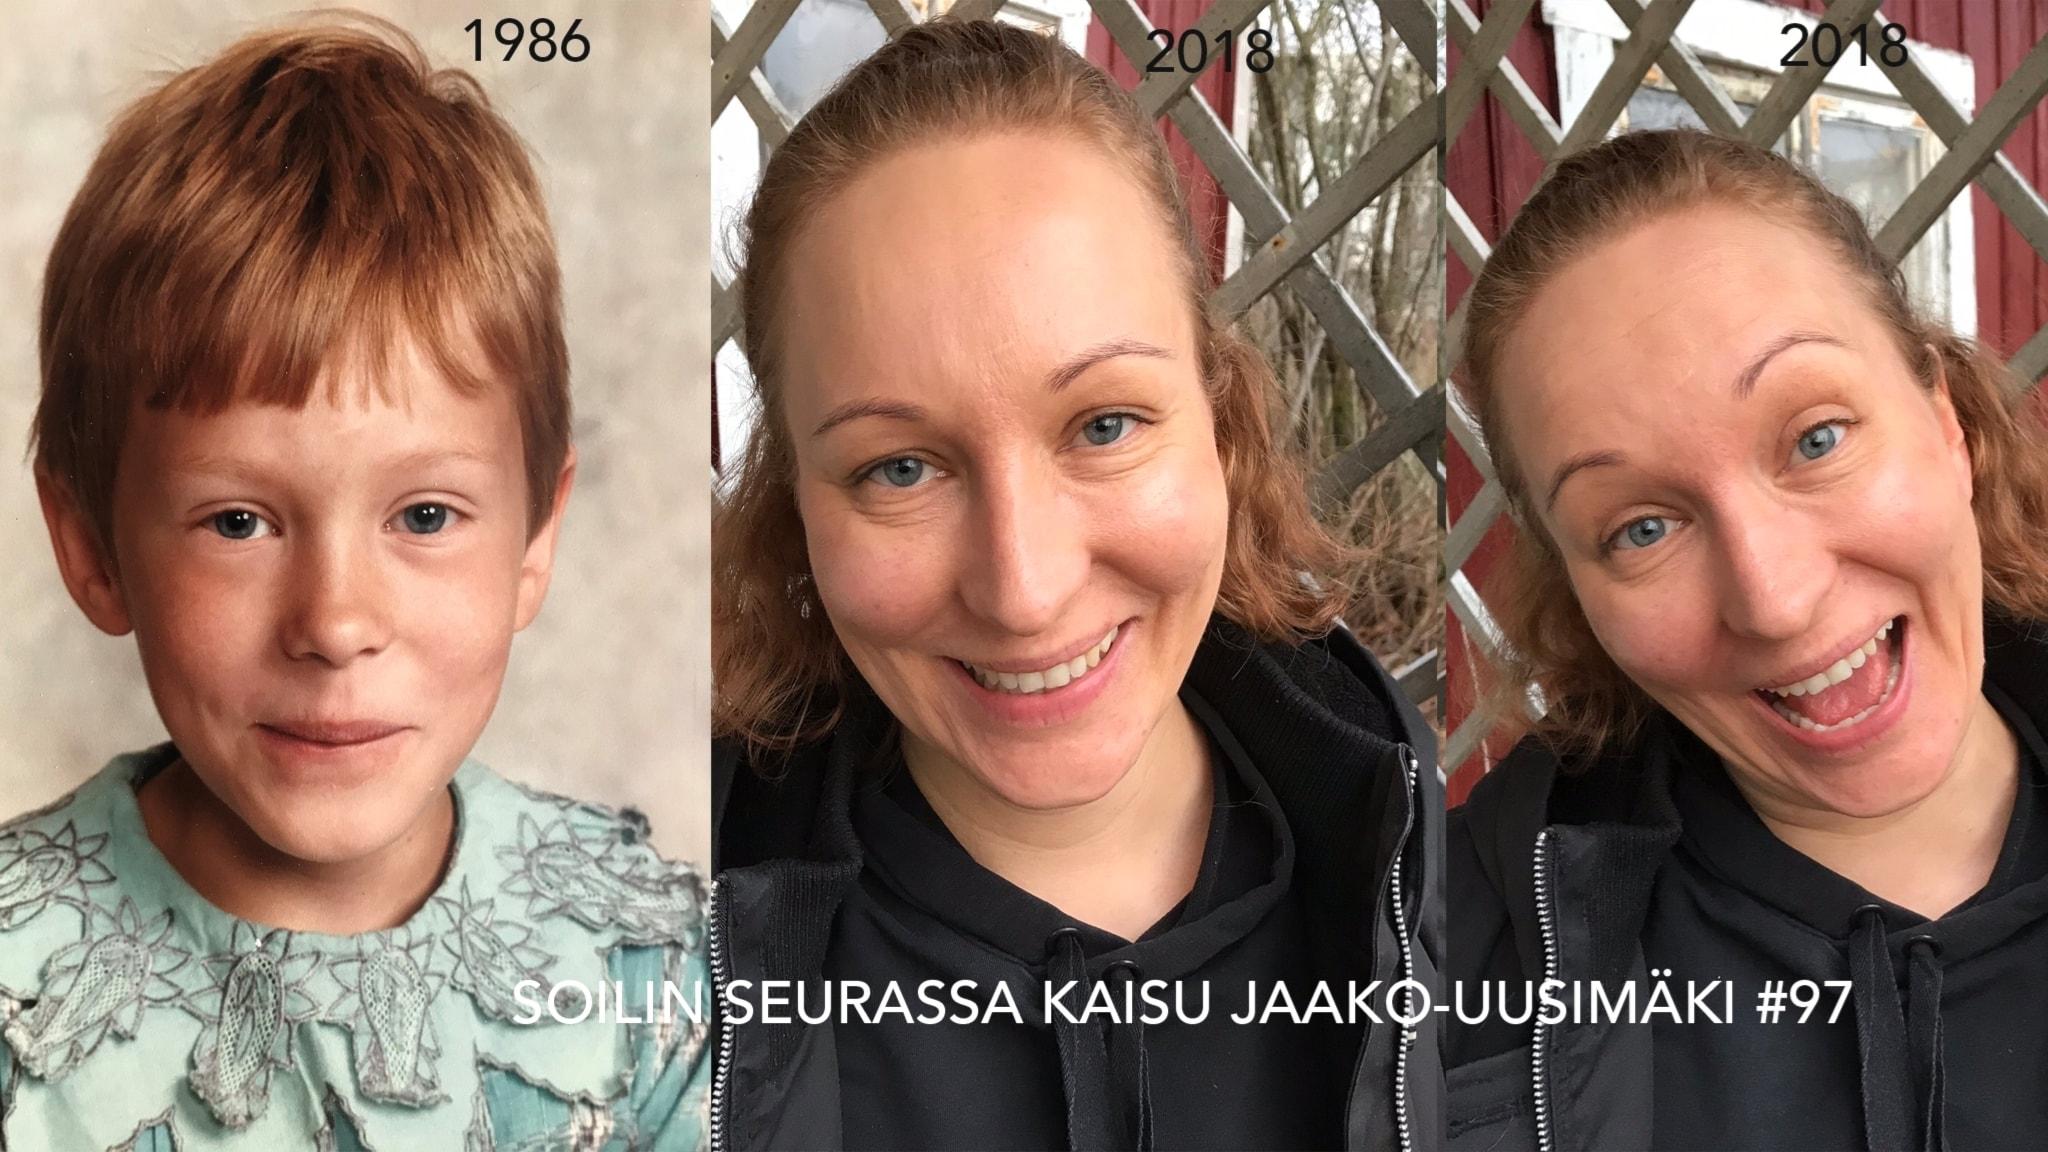 Kaisu Jaako-Uusimäki oli lapsitähti radiossa 1980-luvun lopulla – Mitä hänelle kuuluu nykyään?